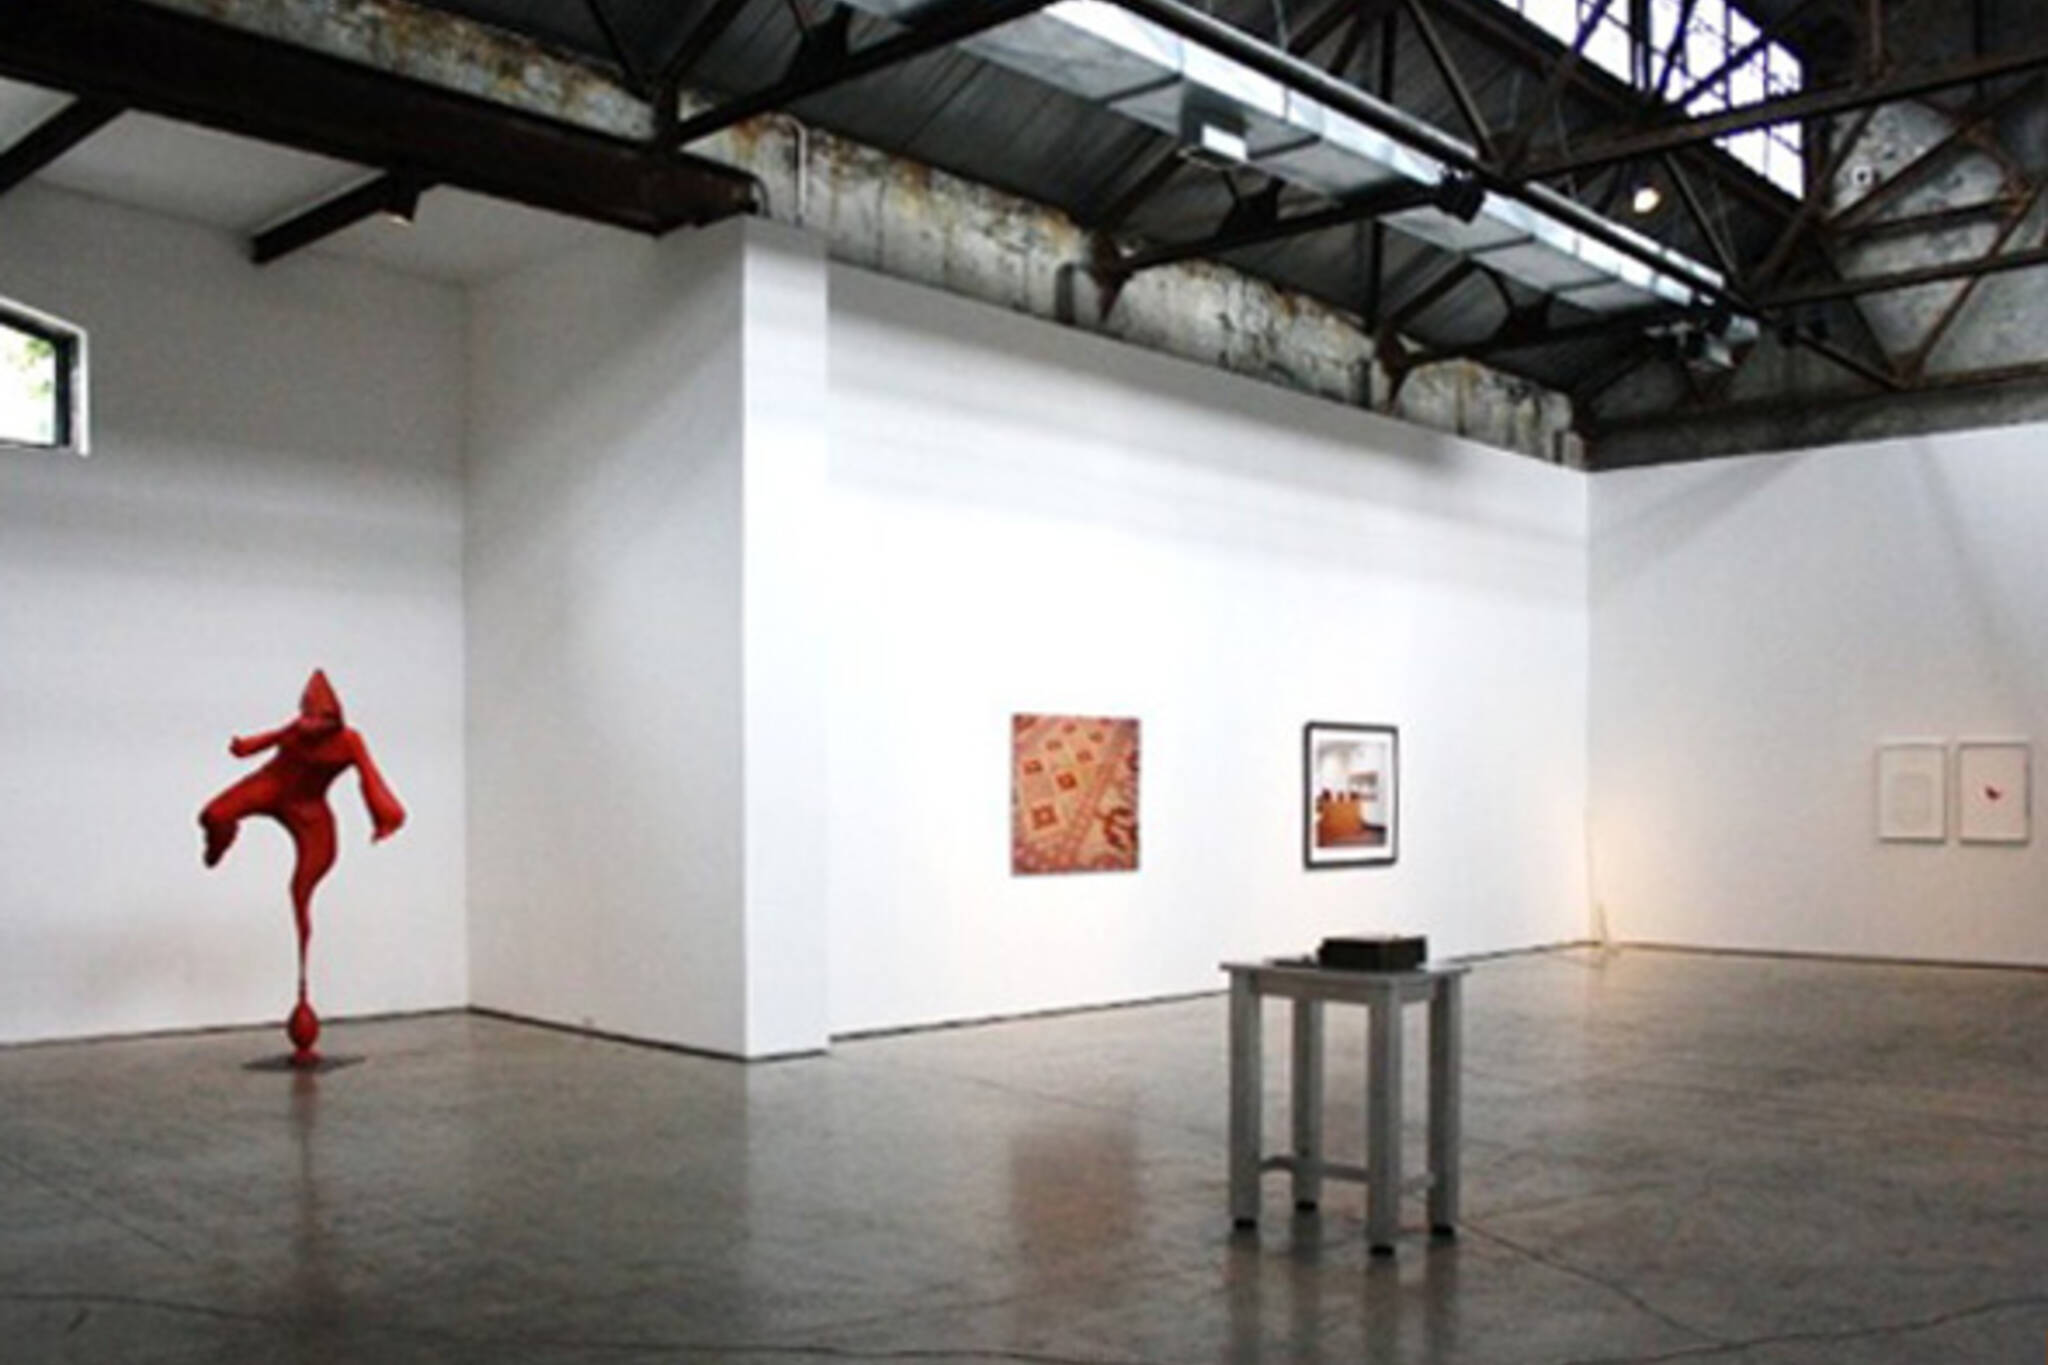 Olga Korper Gallery